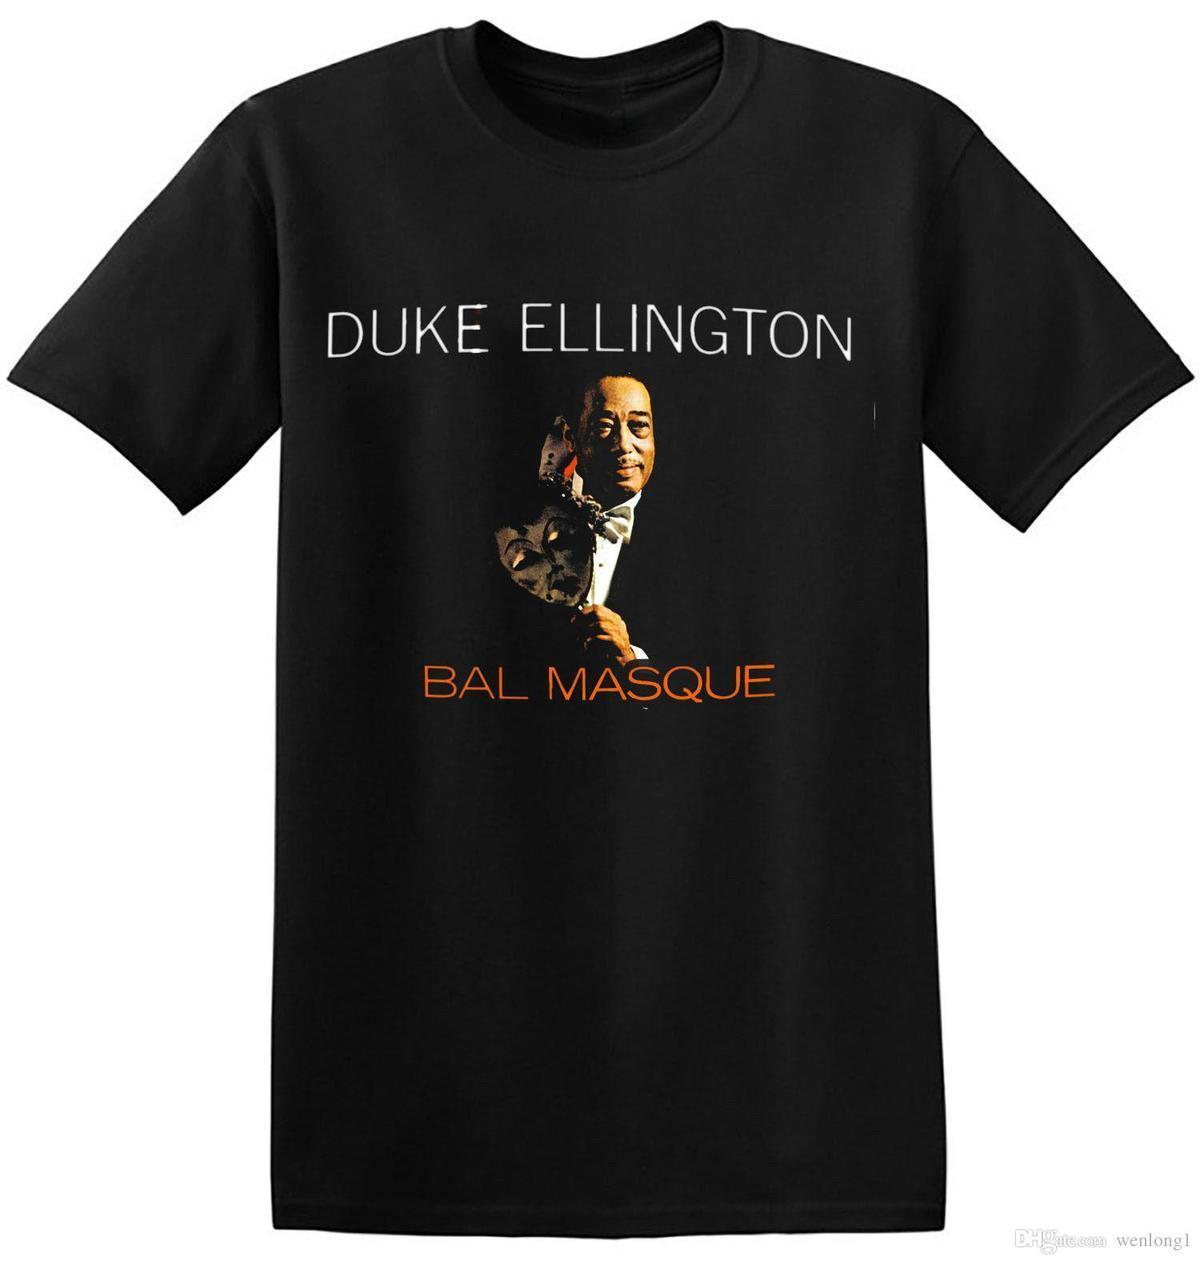 f06eff737d5d Compre Cool Black Jazz T Shirt Señoras Hombres Unisex Retro Gráficos  Imprimir Banda De La Camiseta 4 A 059 O Cuello Hipster Camisetas A  12.14  Del Pxue3302 ...